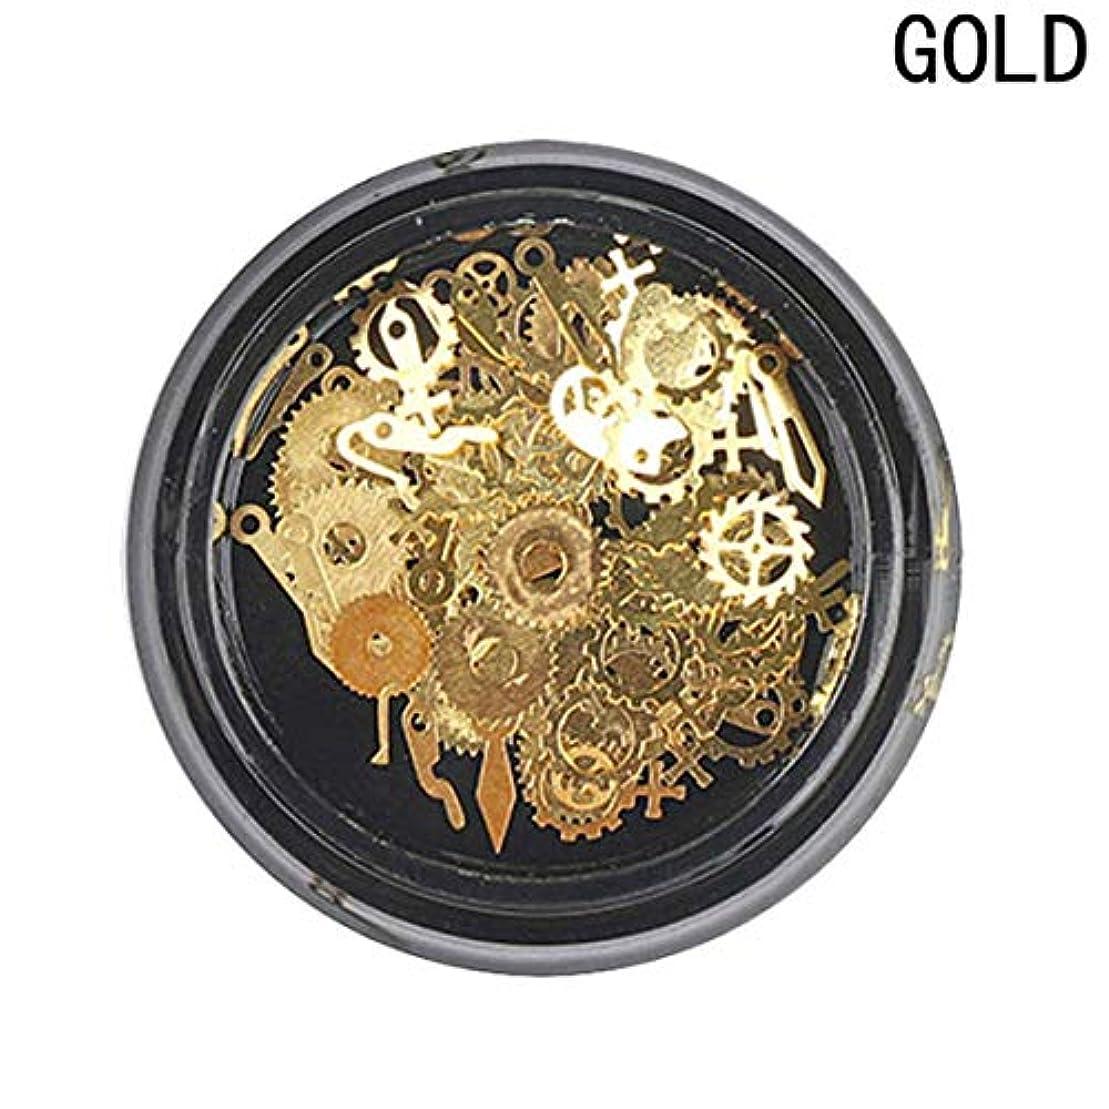 規範思いやりリスナーYoshilimen 新しいスタイルファッションユニークな合金蒸気パンクギアネイルアート装飾金属スタイルの創造的な女性の爪DIYアクセサリー1ボックス(None golden)